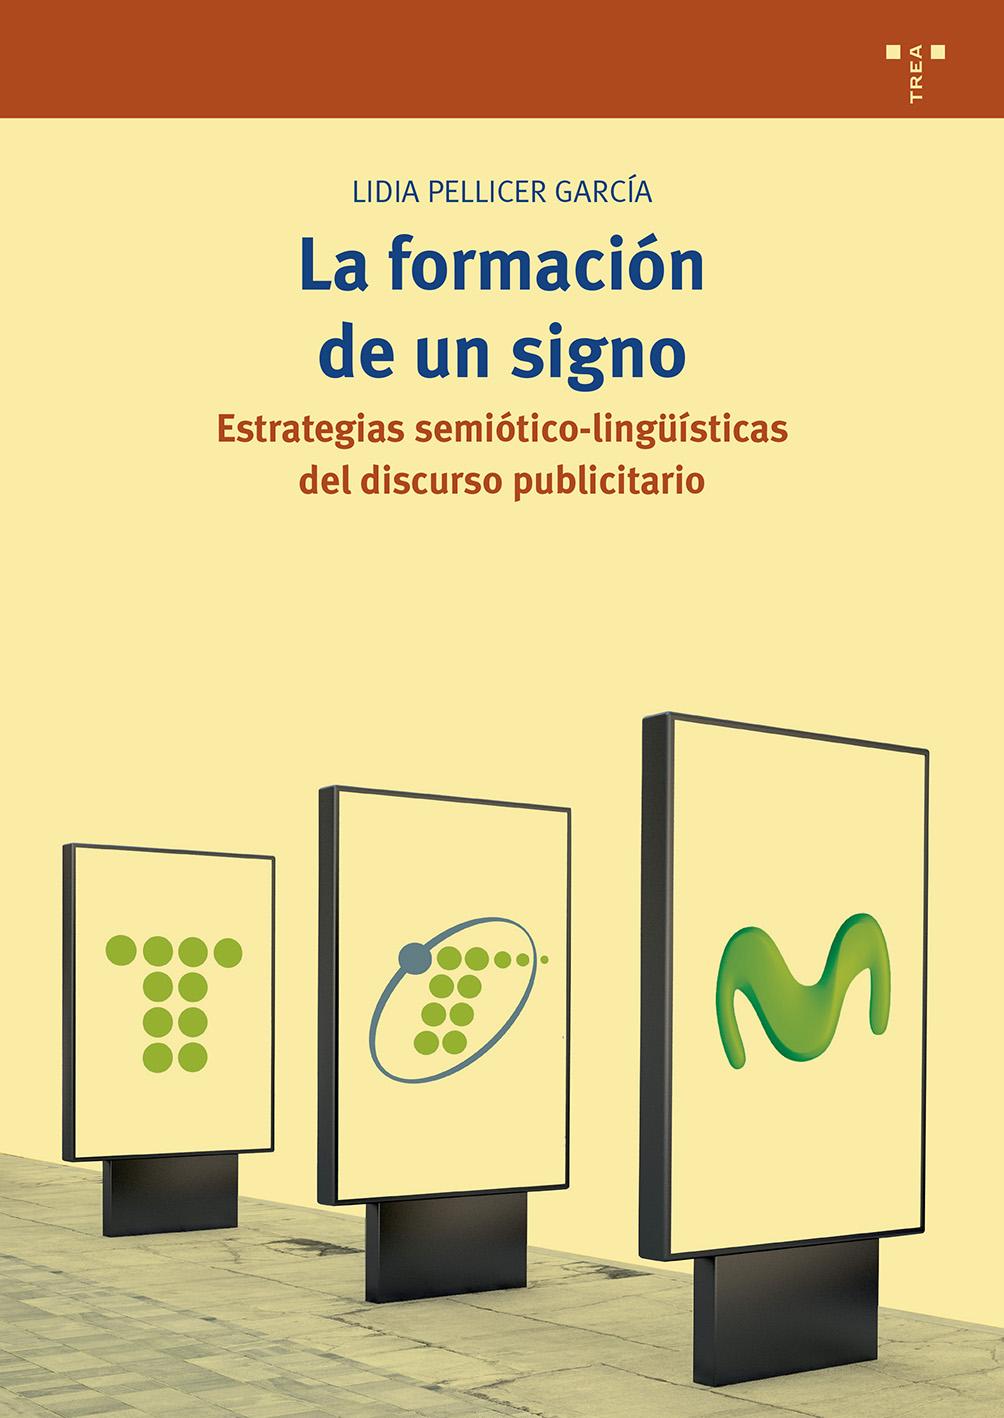 La formación de un signo   «Estrategias semiótico-lingüísticas del discurso publicitario»